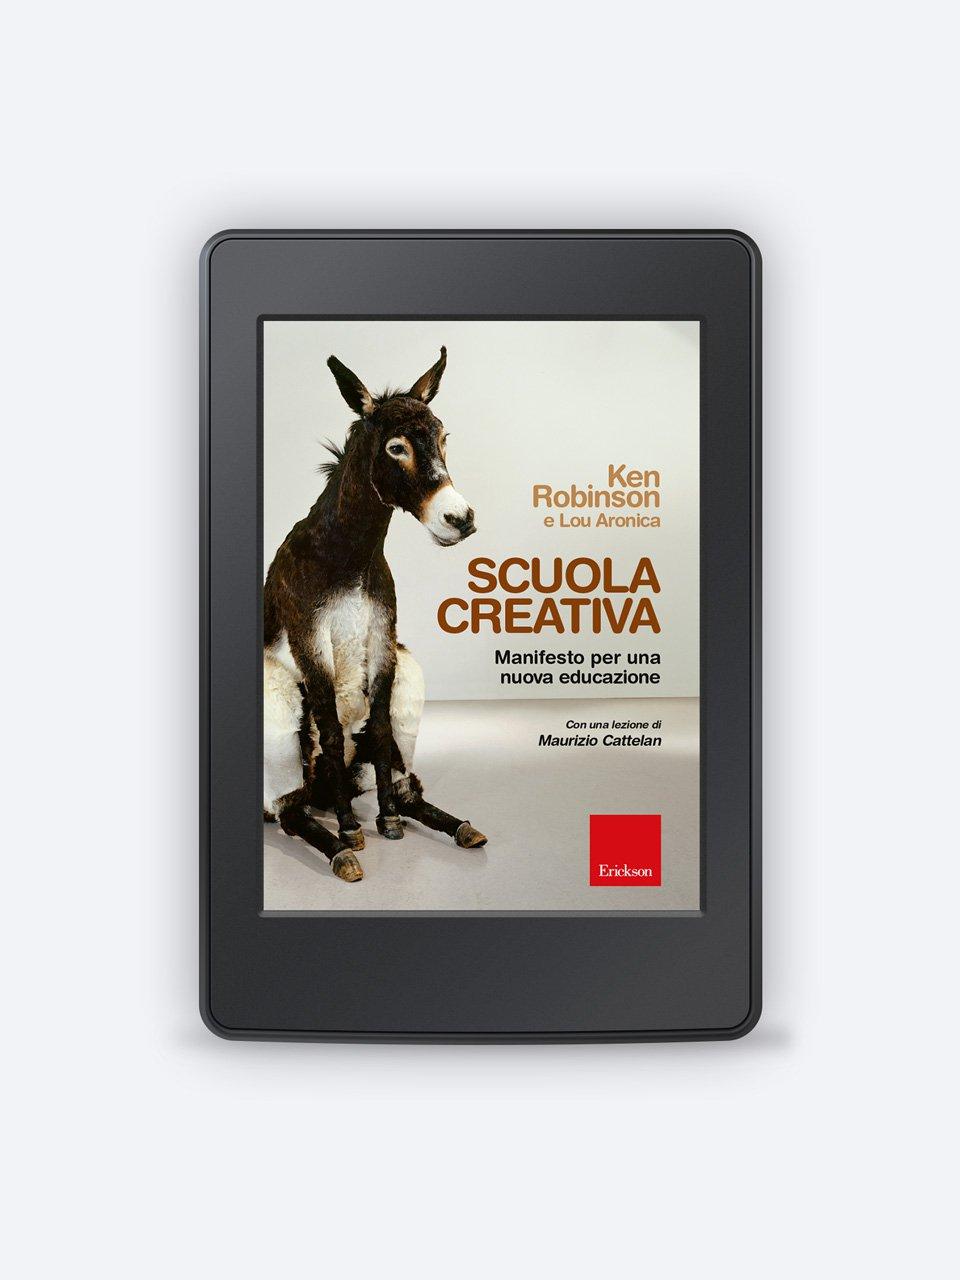 Scuola creativa - Libri - Erickson 3